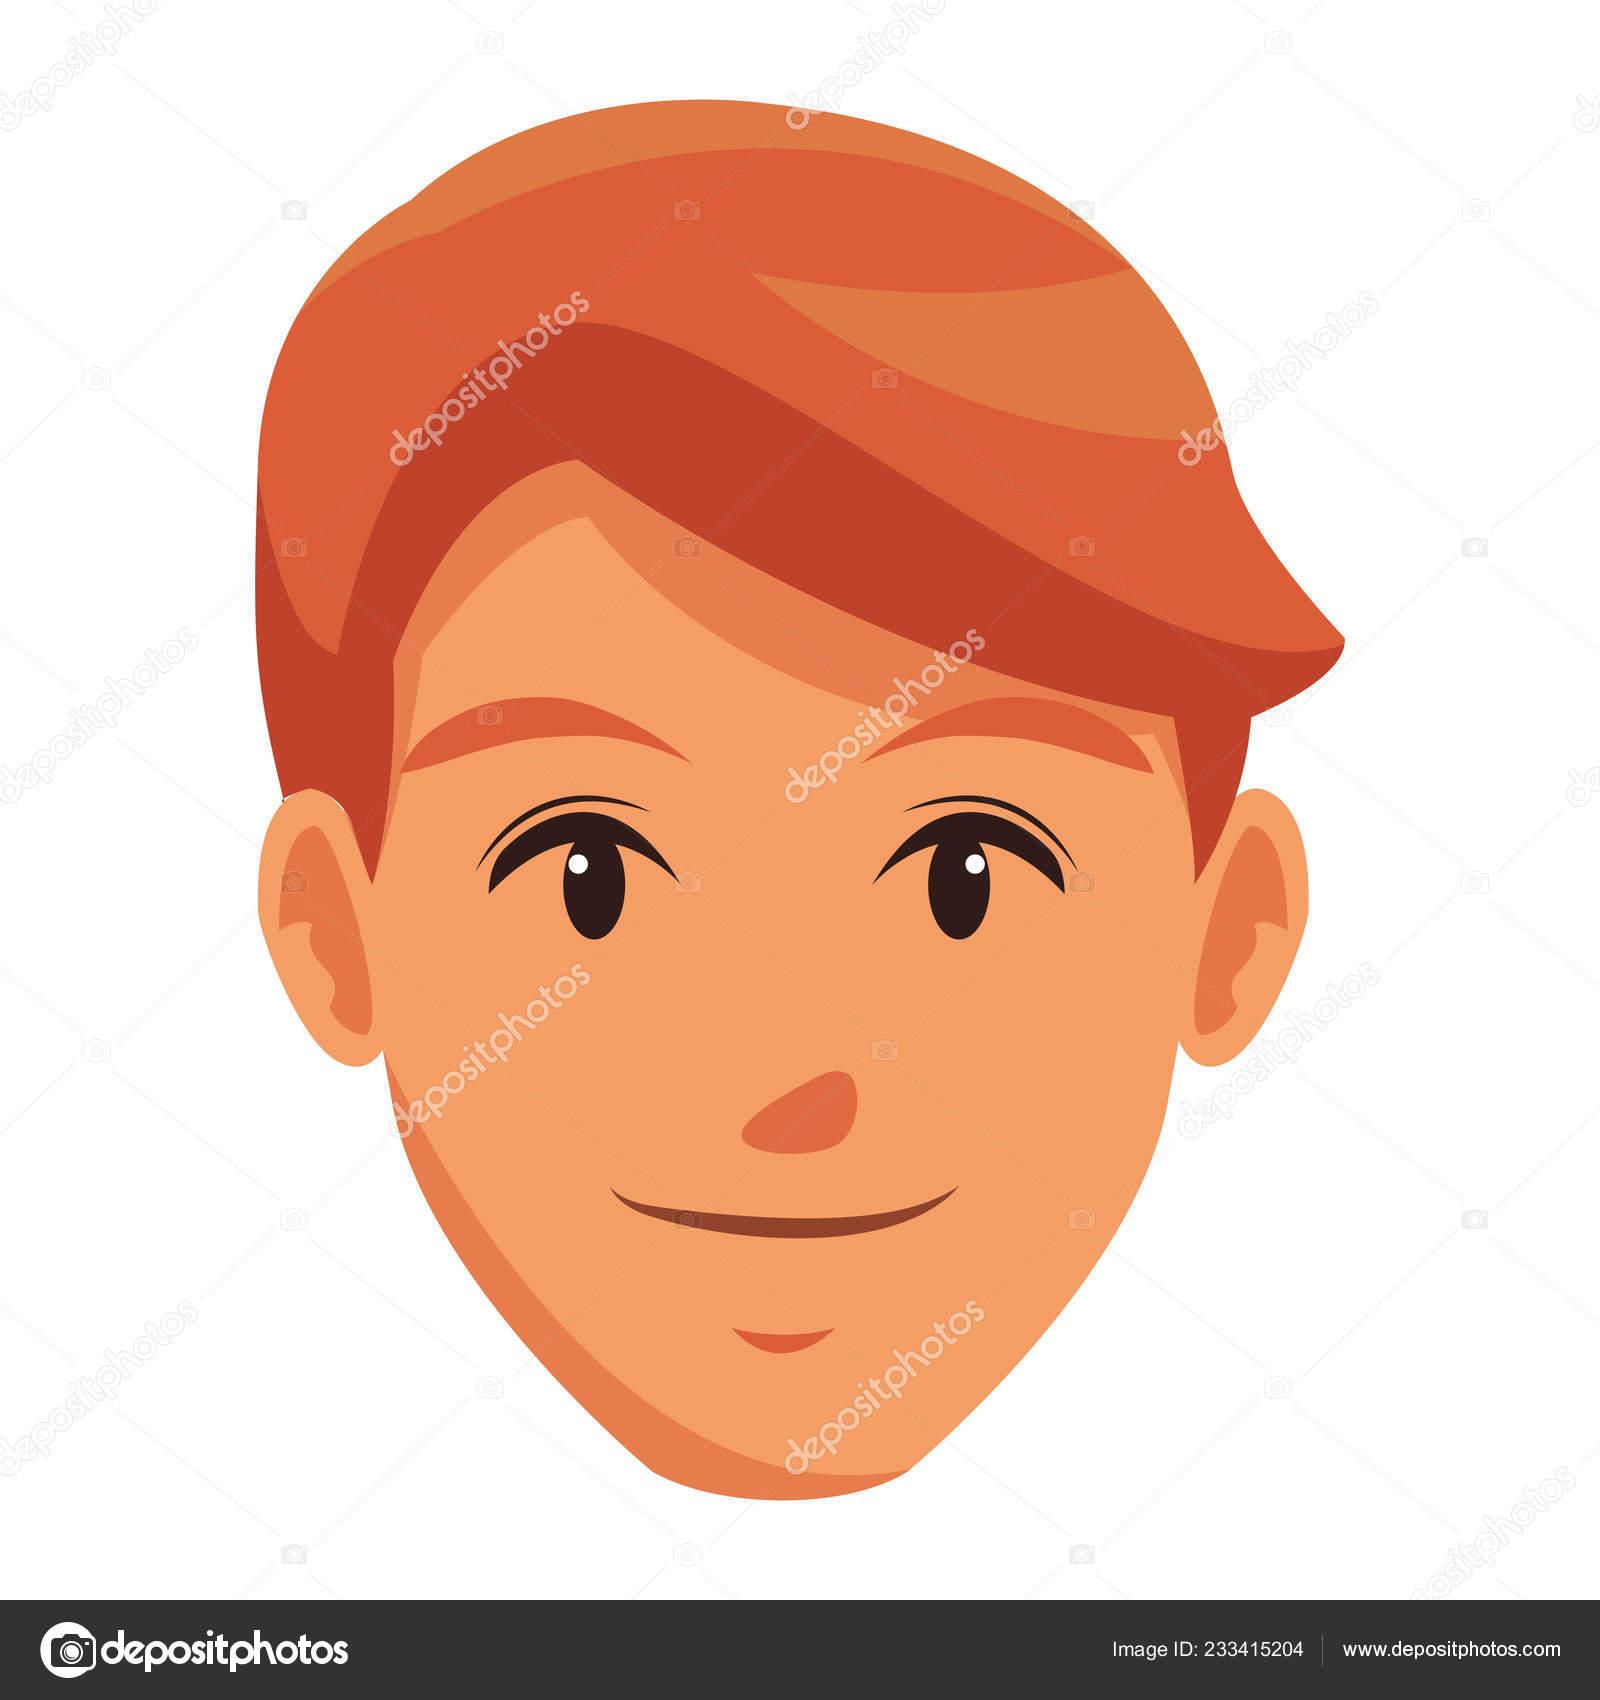 Cute Man Face Cartoon Stock Vector C Jemastock 233415204